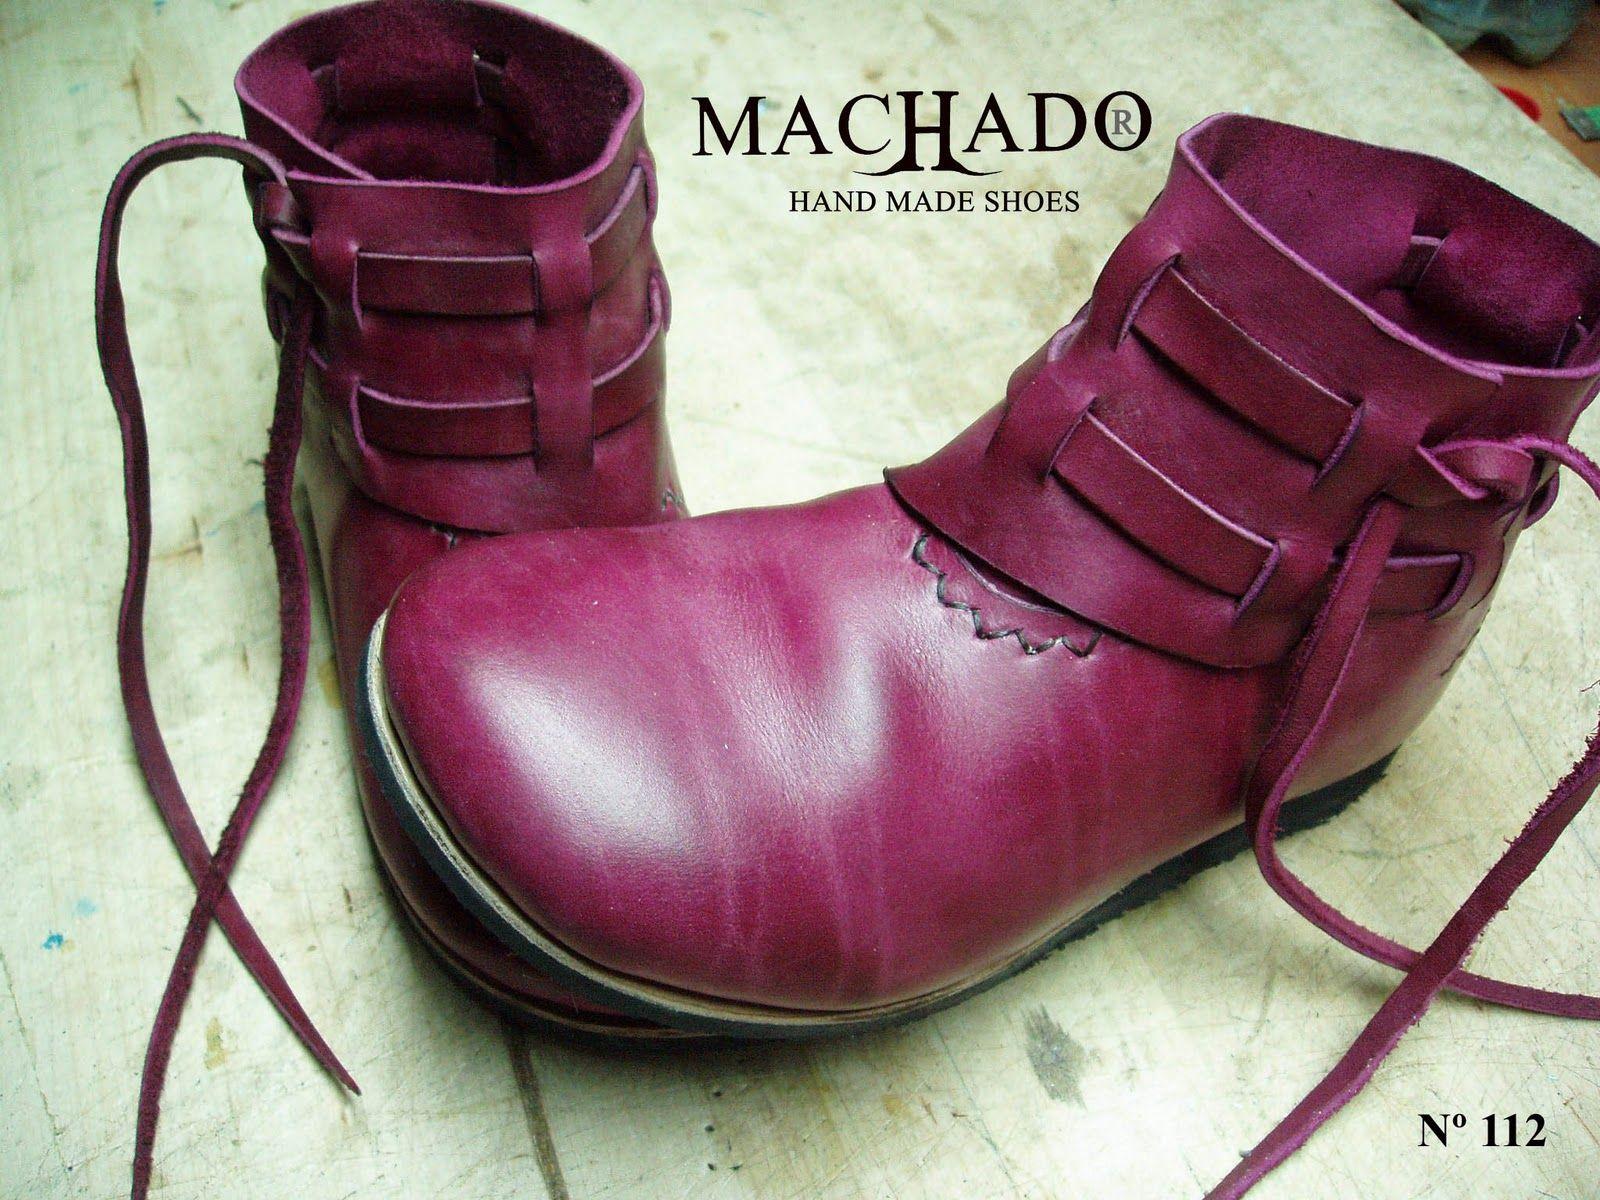 Machado Handmade – leather shoes nº 112 (ecos do ofício)